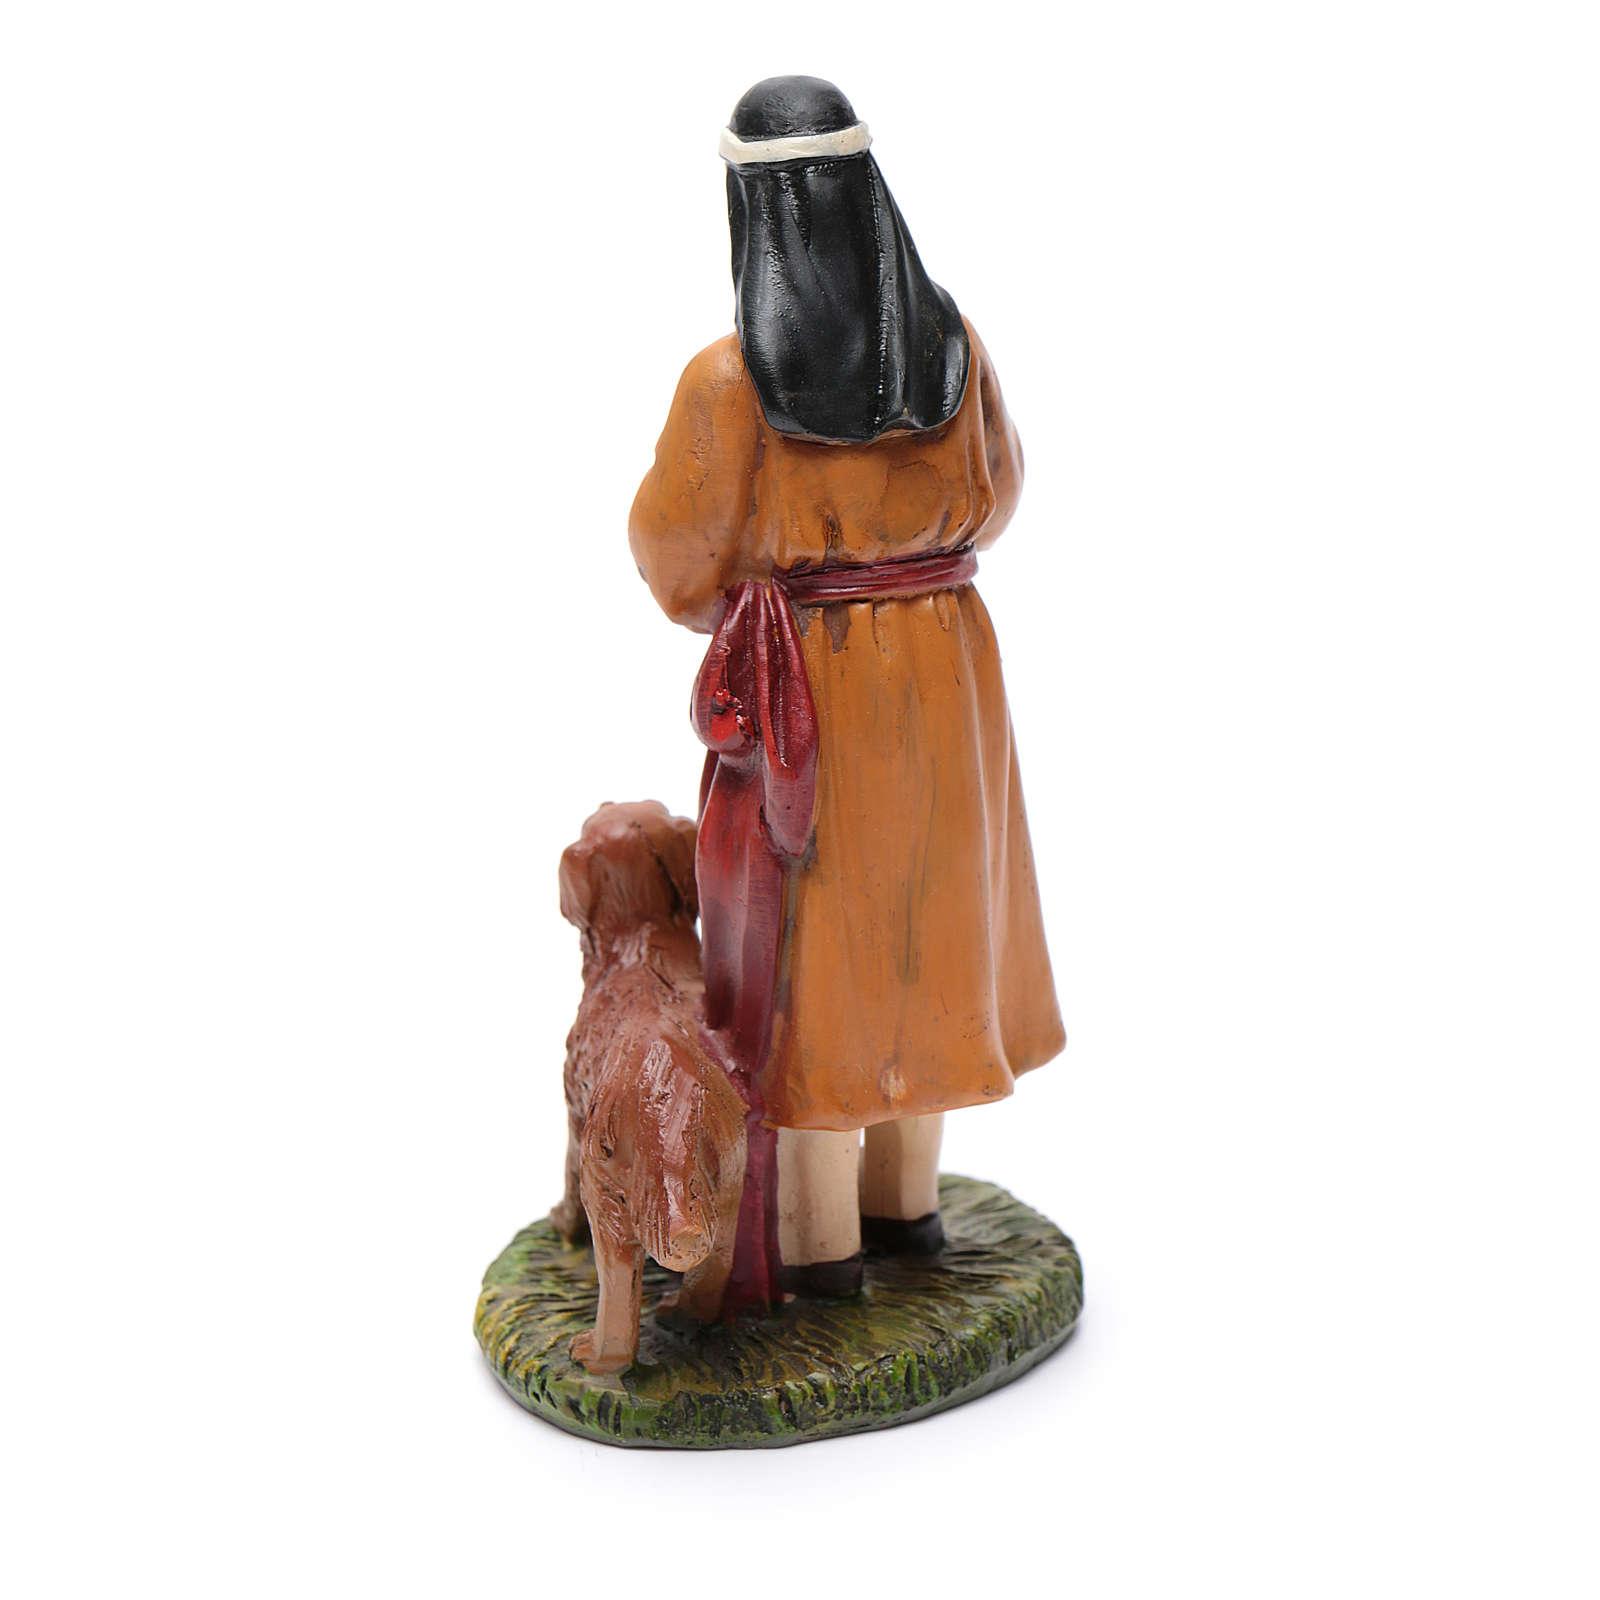 ad6a6fe9ce1 Pastor con perro resina belén 12 cm Línea Martino Landi 3